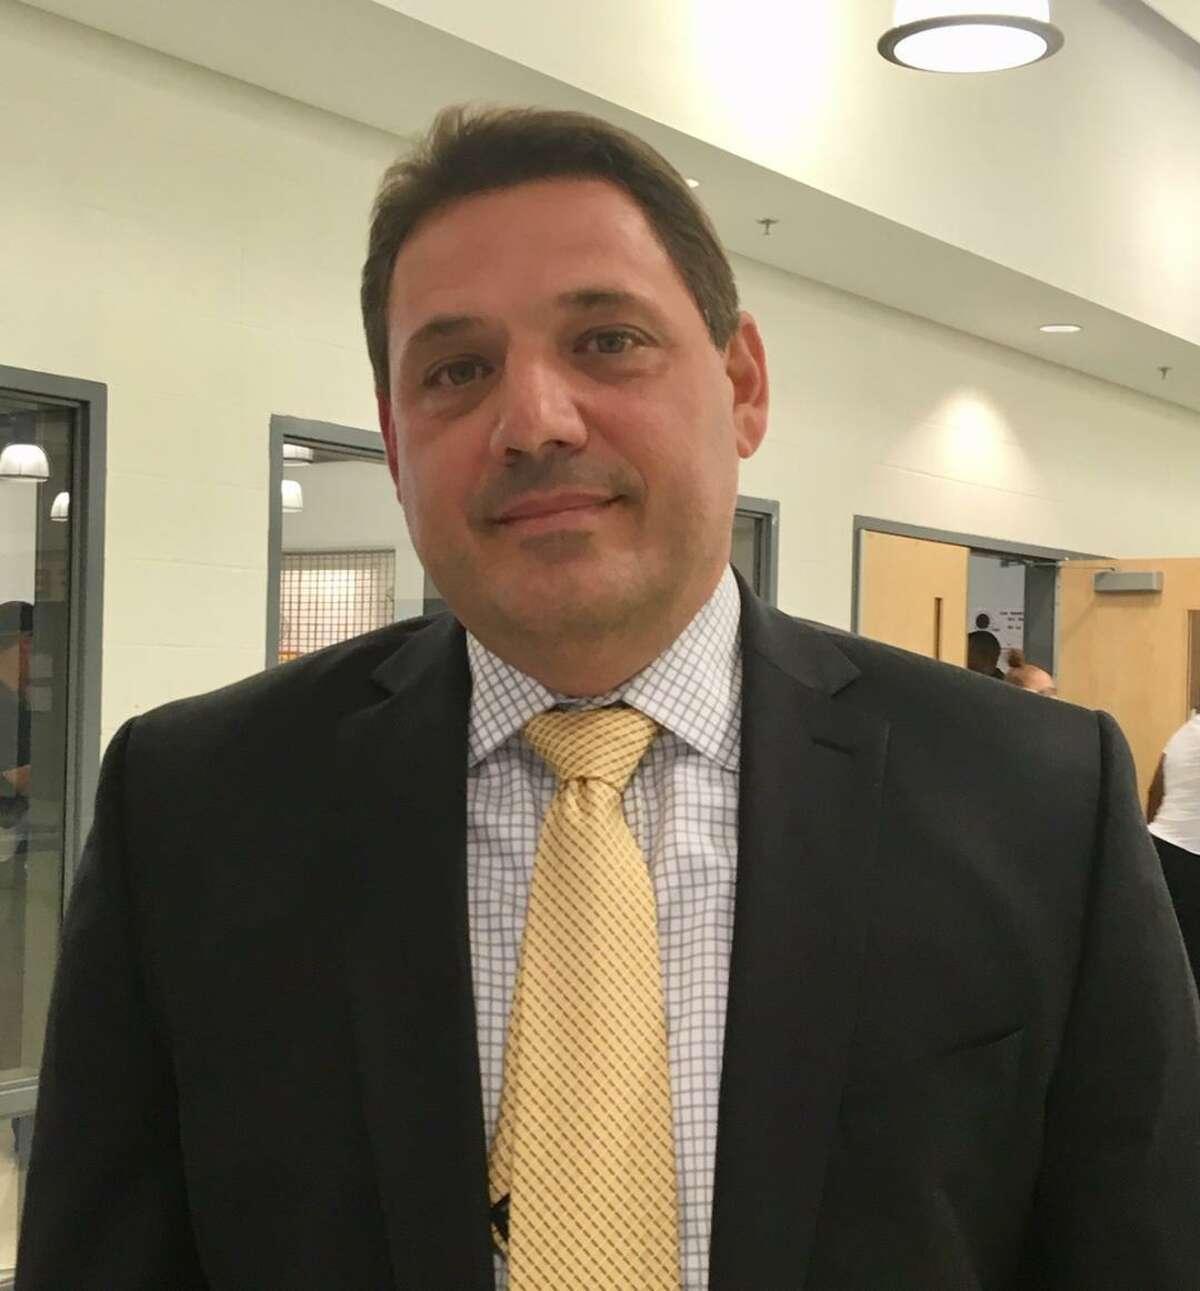 Mike Testani. June 12, 2019